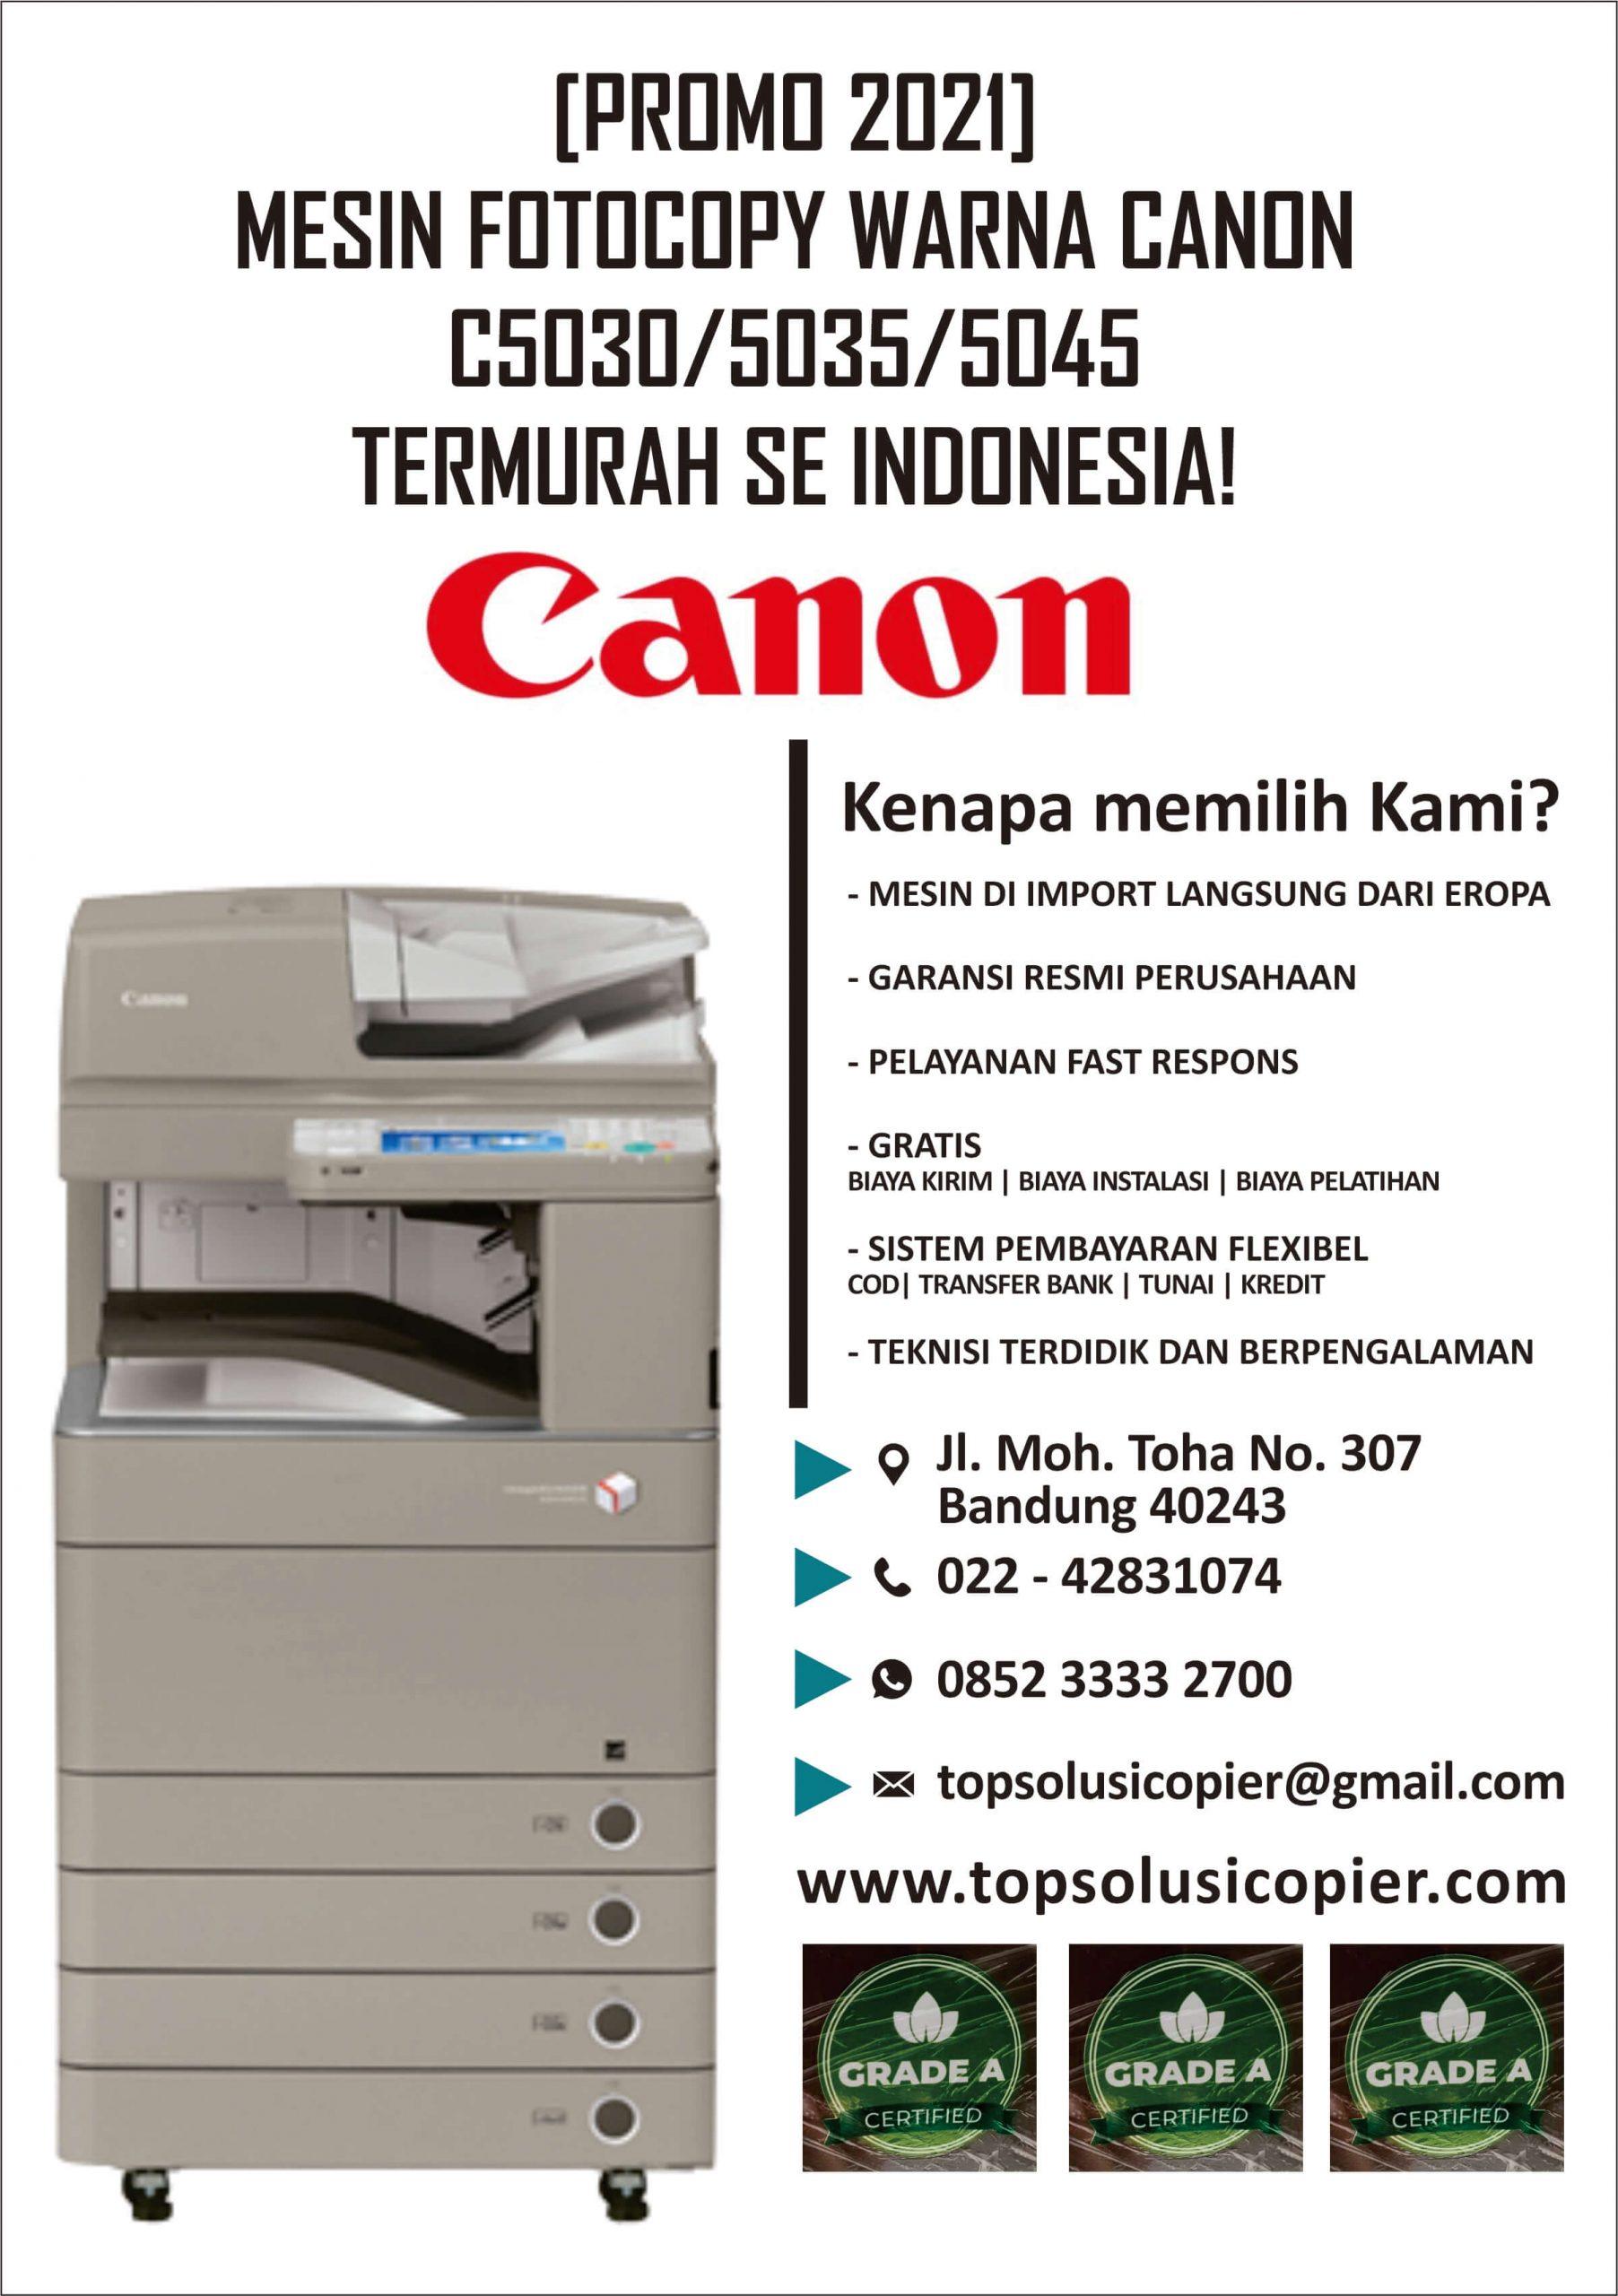 mesin fotocopy warna canon tasik